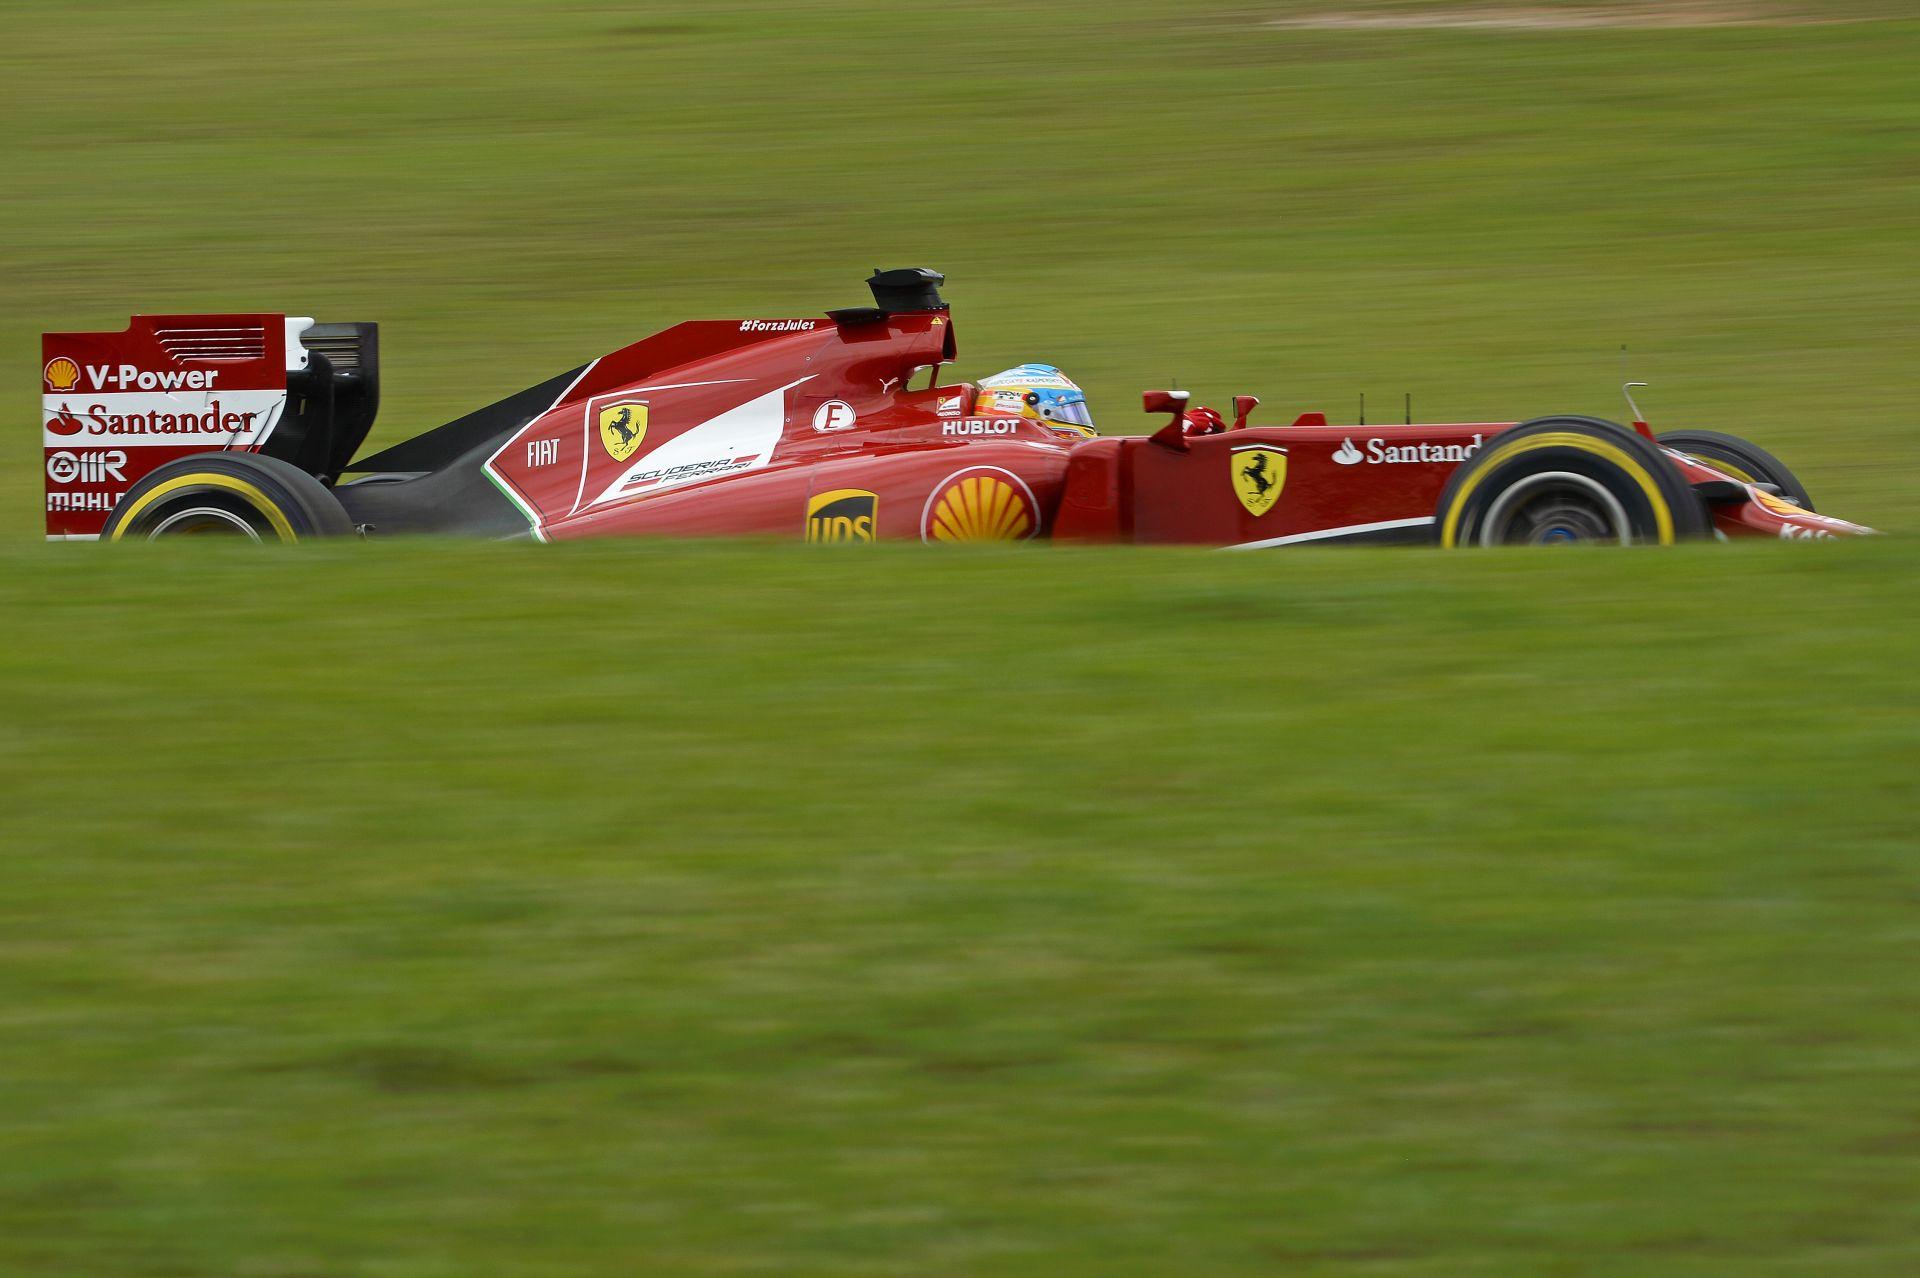 Alonso már Abu Dhabiban pályára gurulhat a McLaren-Hondával: A spanyol teszteli először az új V6-ost?